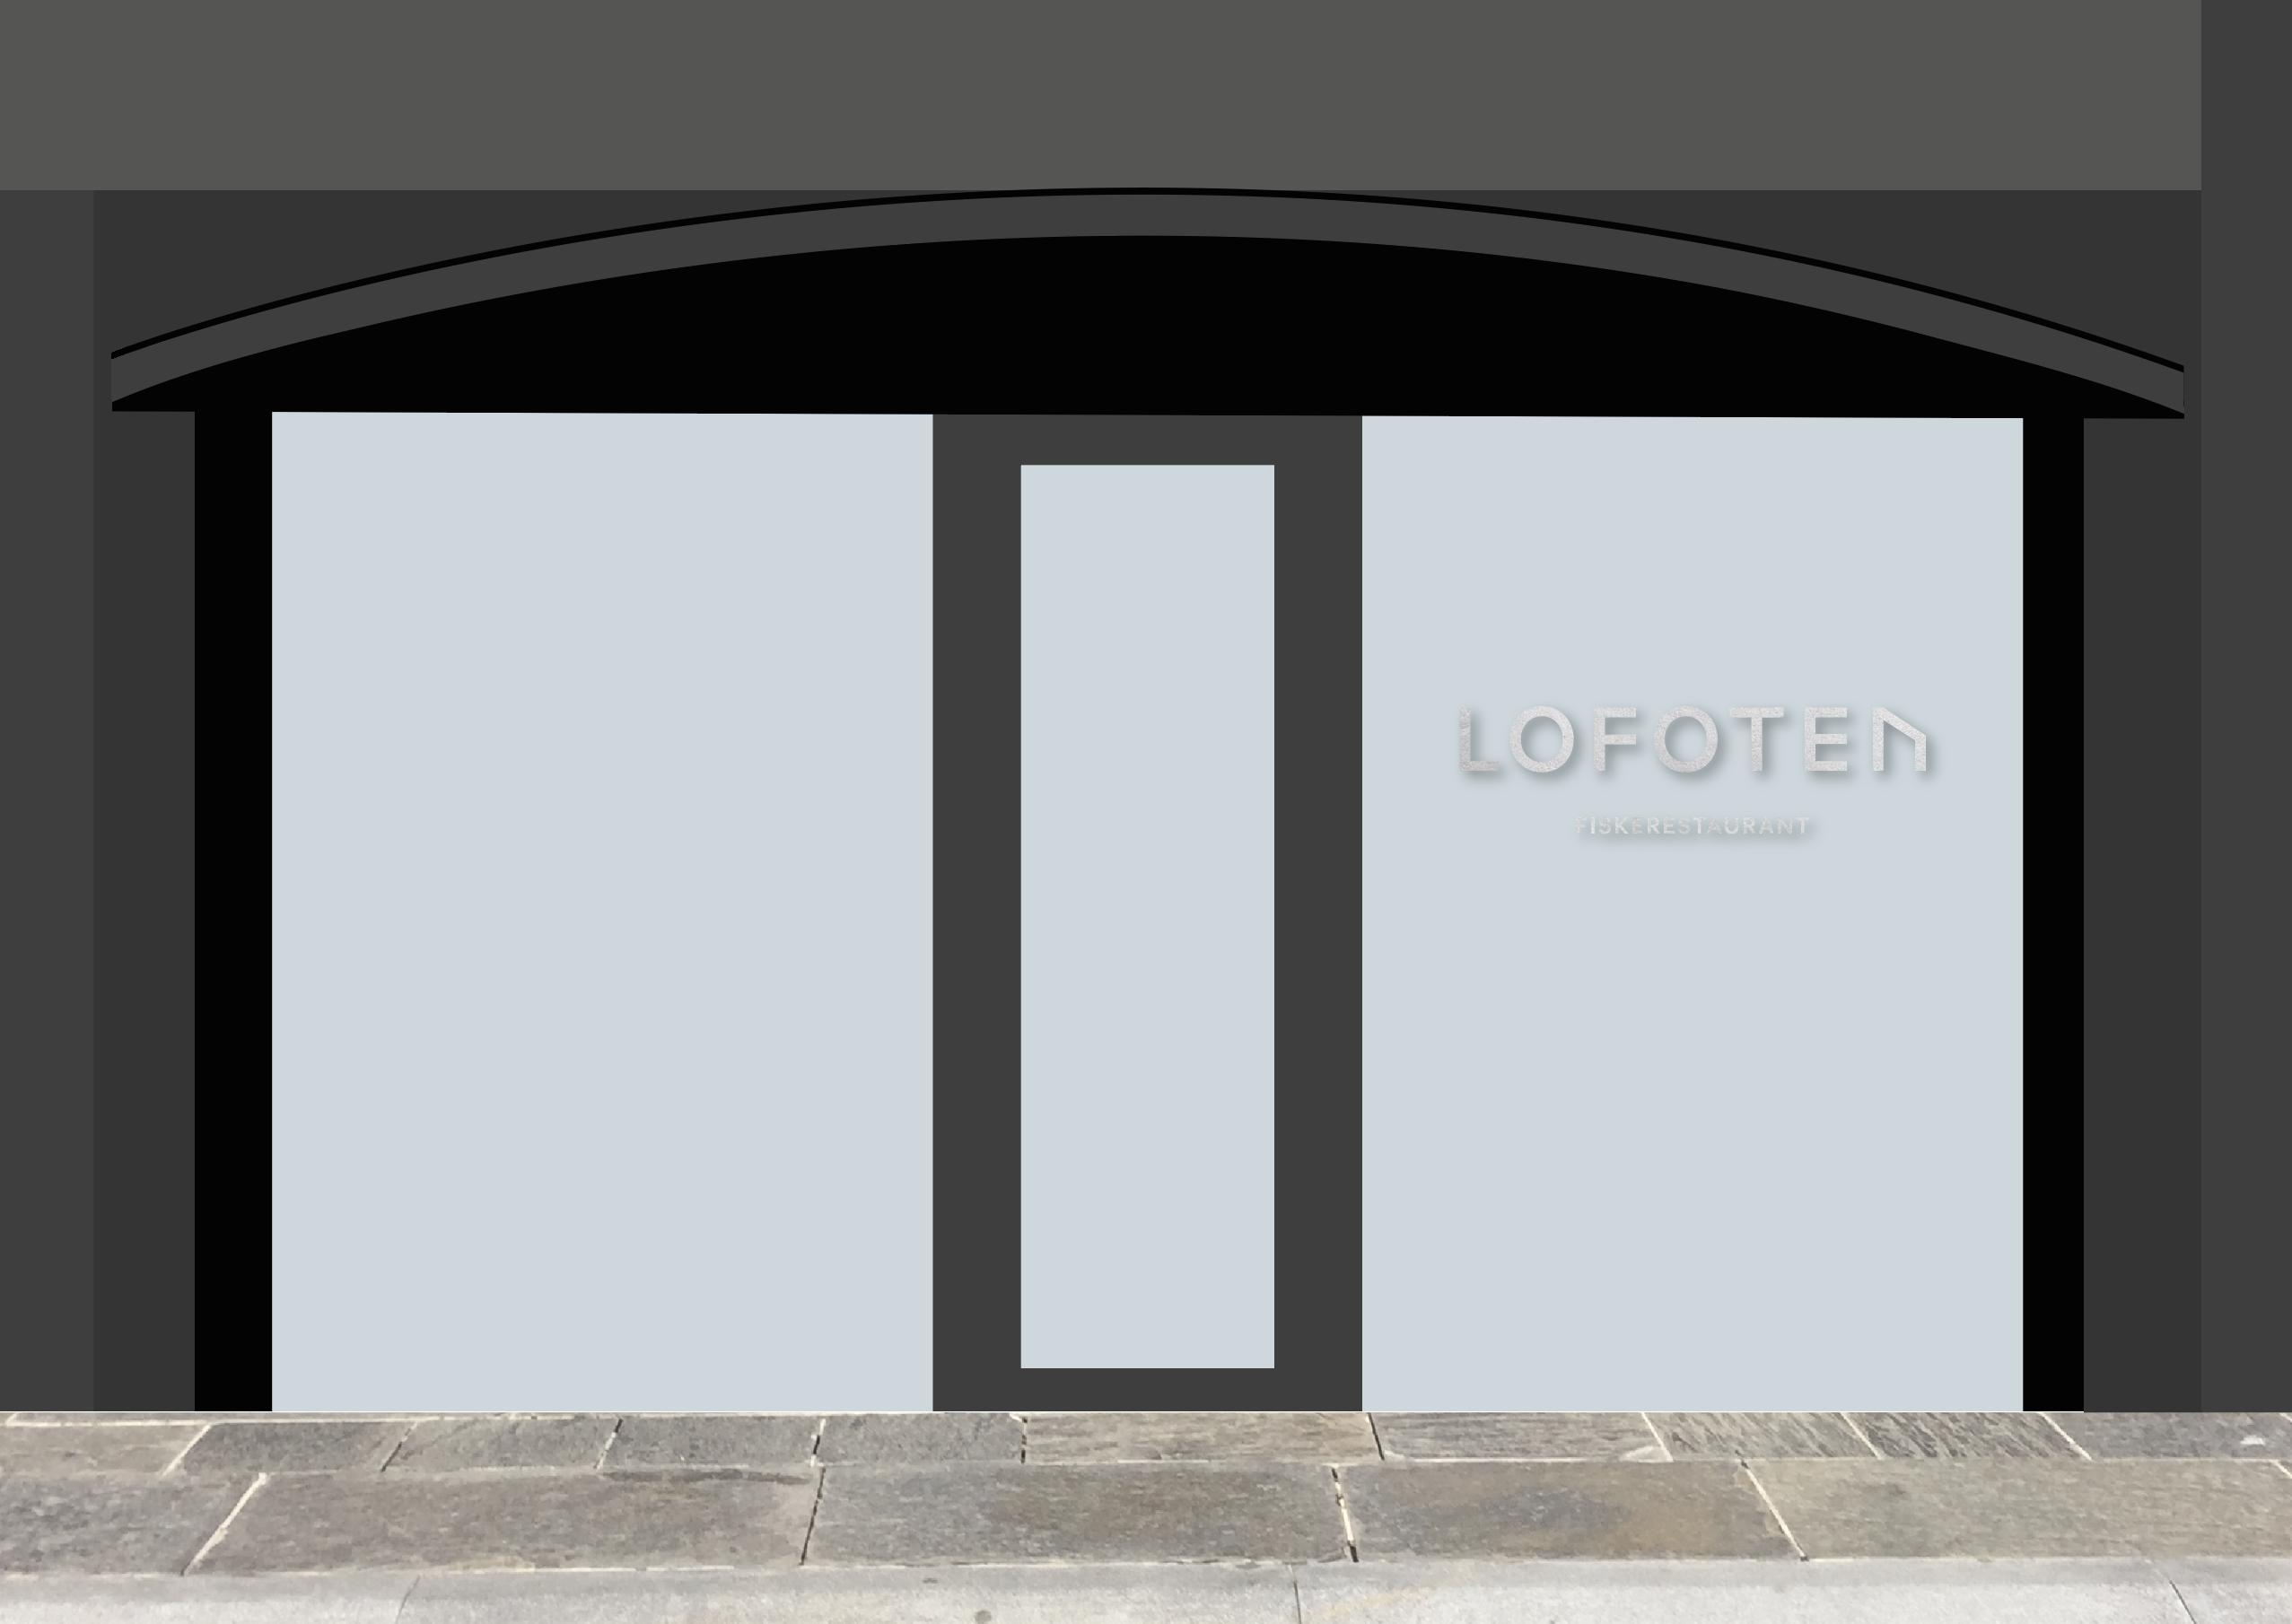 fg_lofoten_skilt_inngang